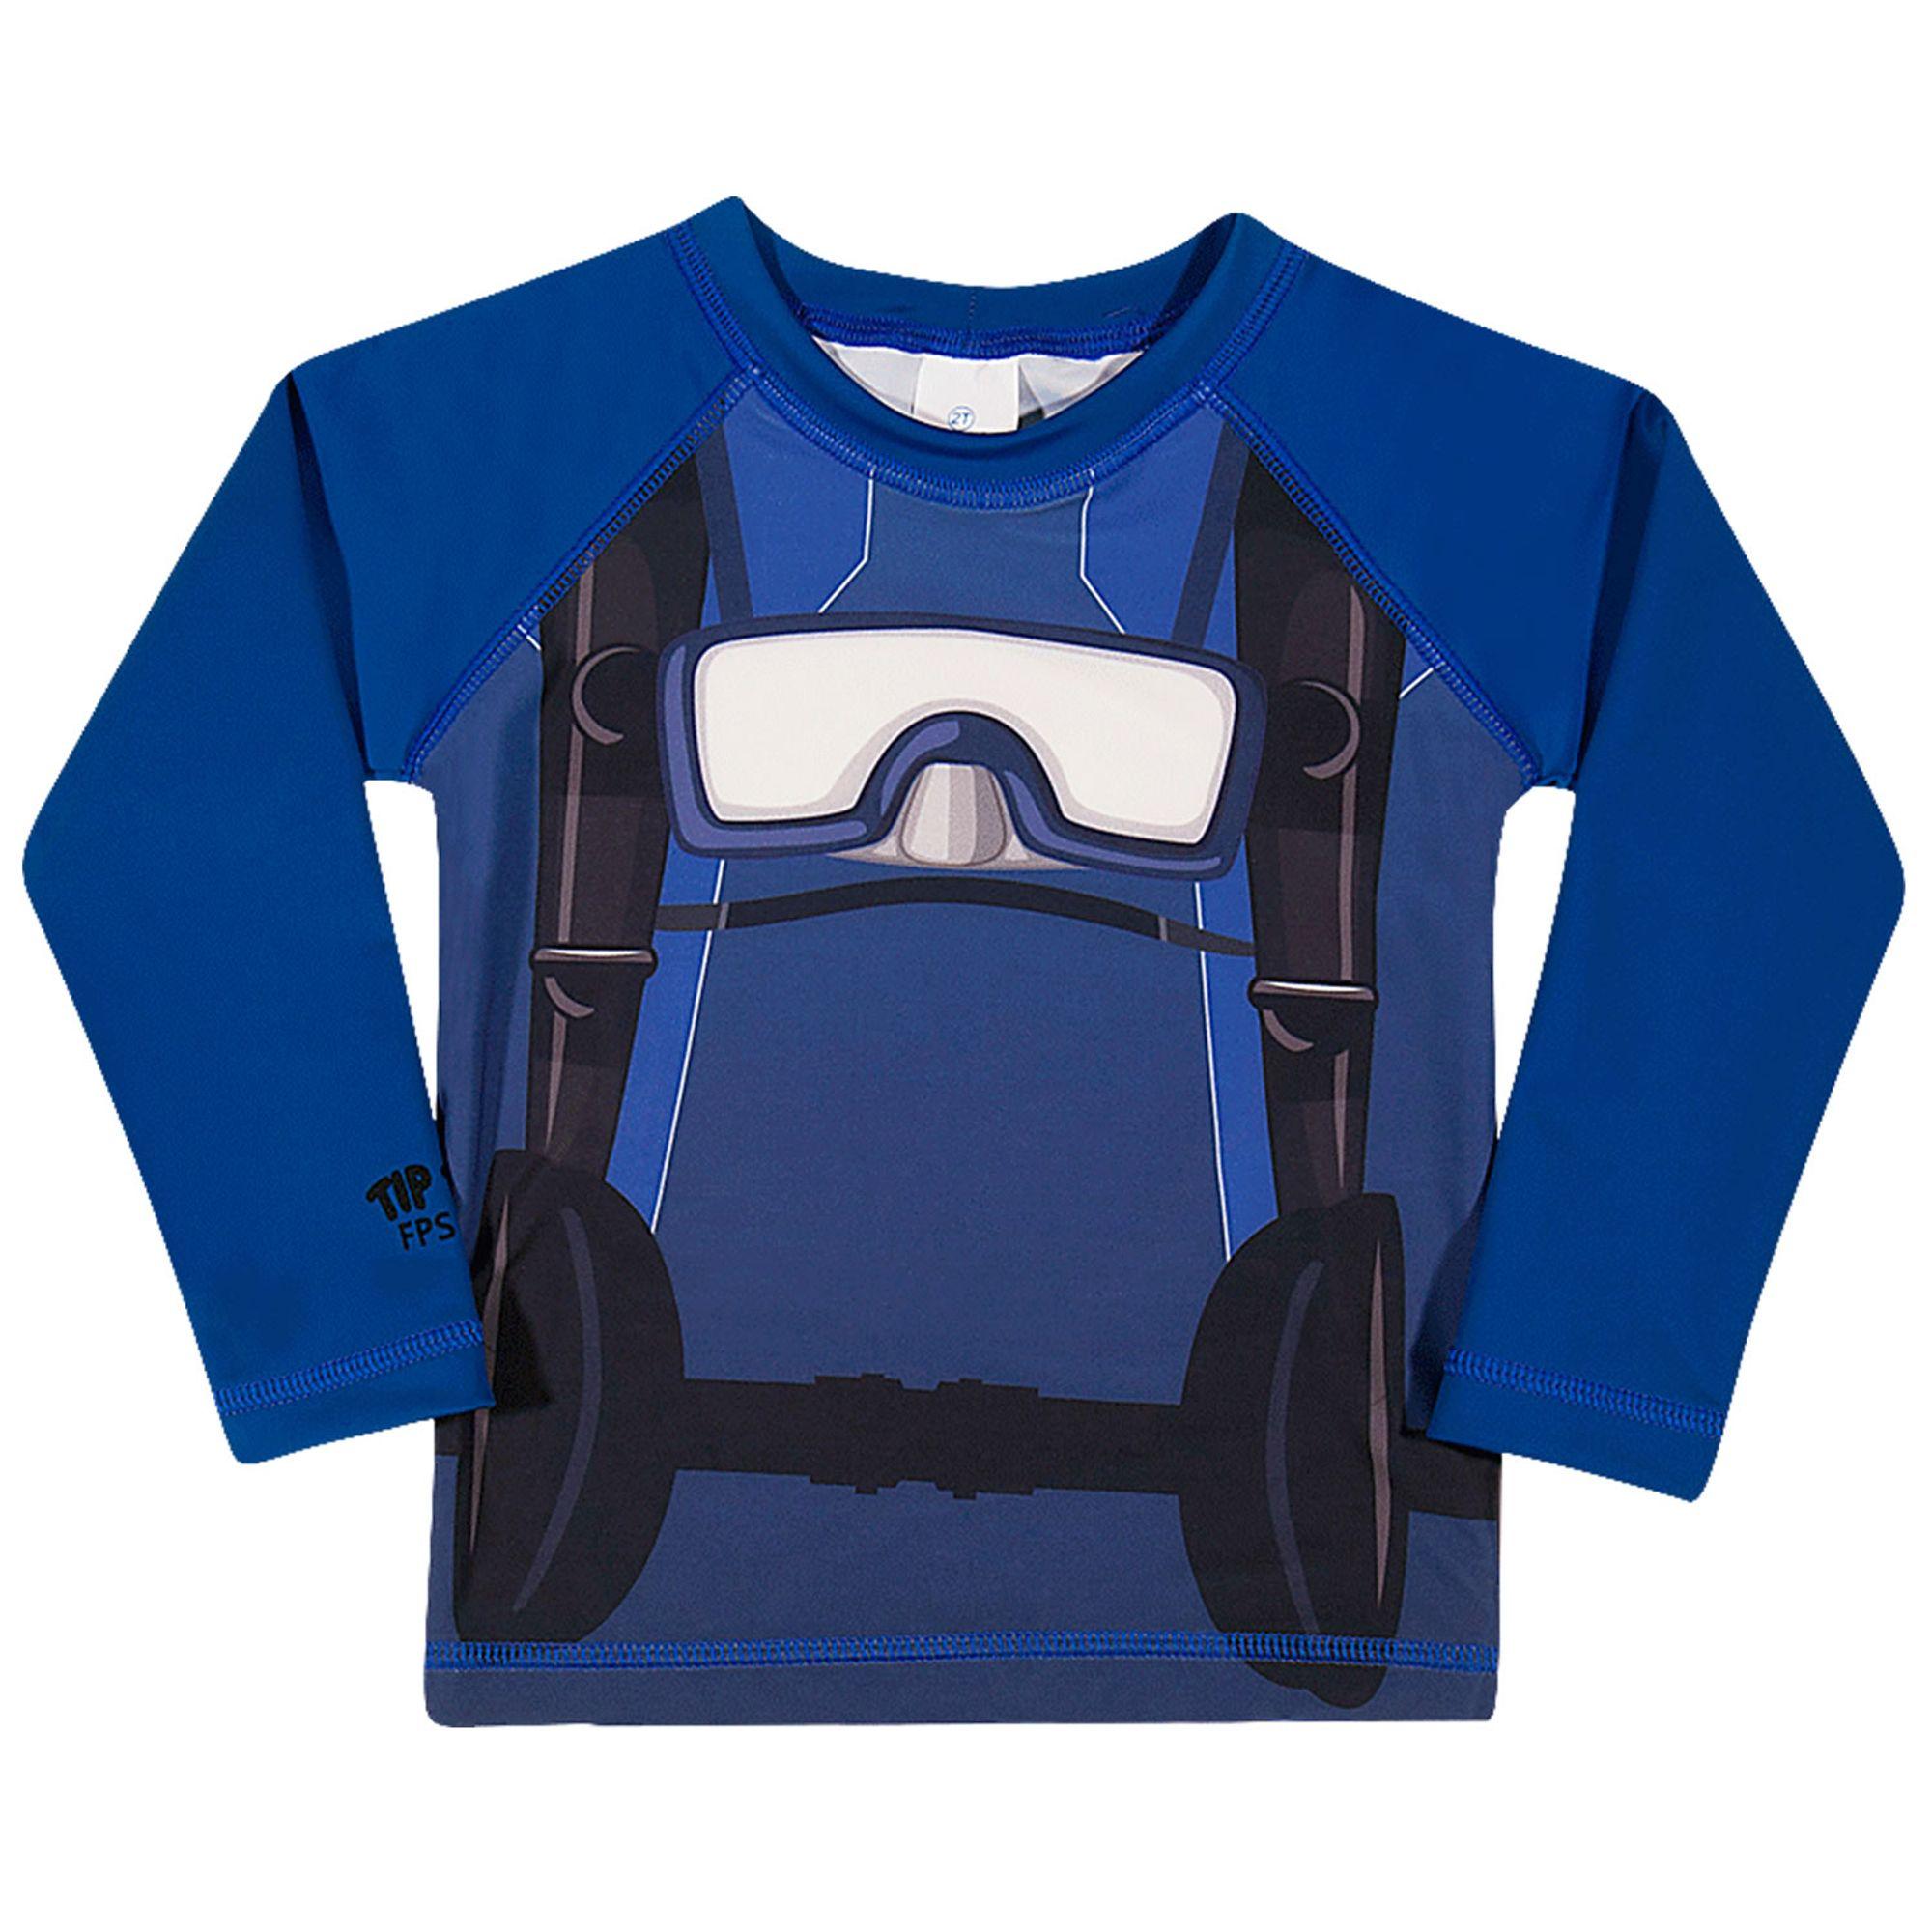 3af9ccb77 Camiseta Infantil Proteção Solar Mergulhador Manga Longa Azul Tip Top -  EcaMeleca